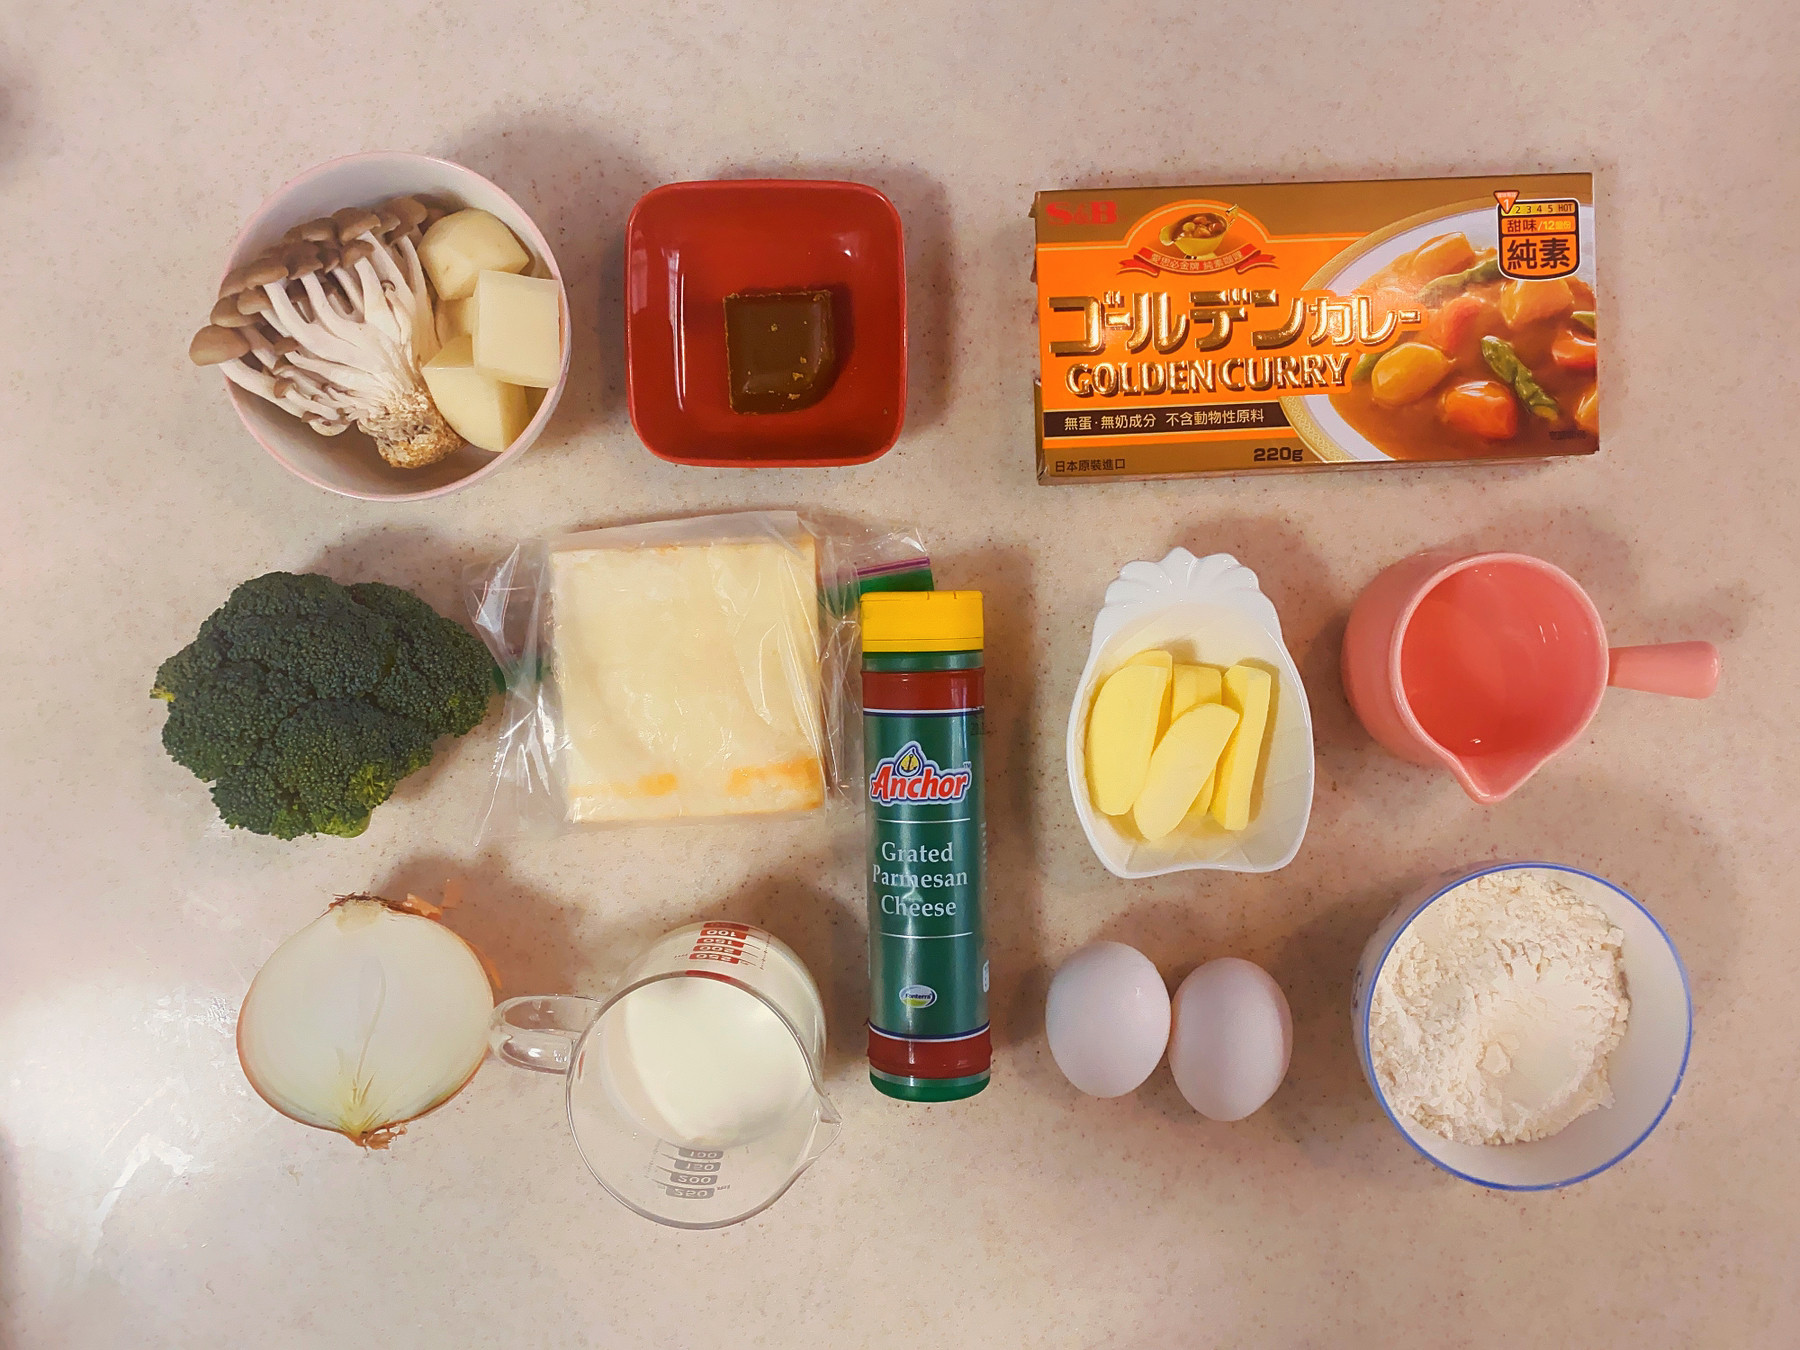 什麼都能搭,百變料理魔法《S&B愛必思金牌咖哩》的第 27 張圖片